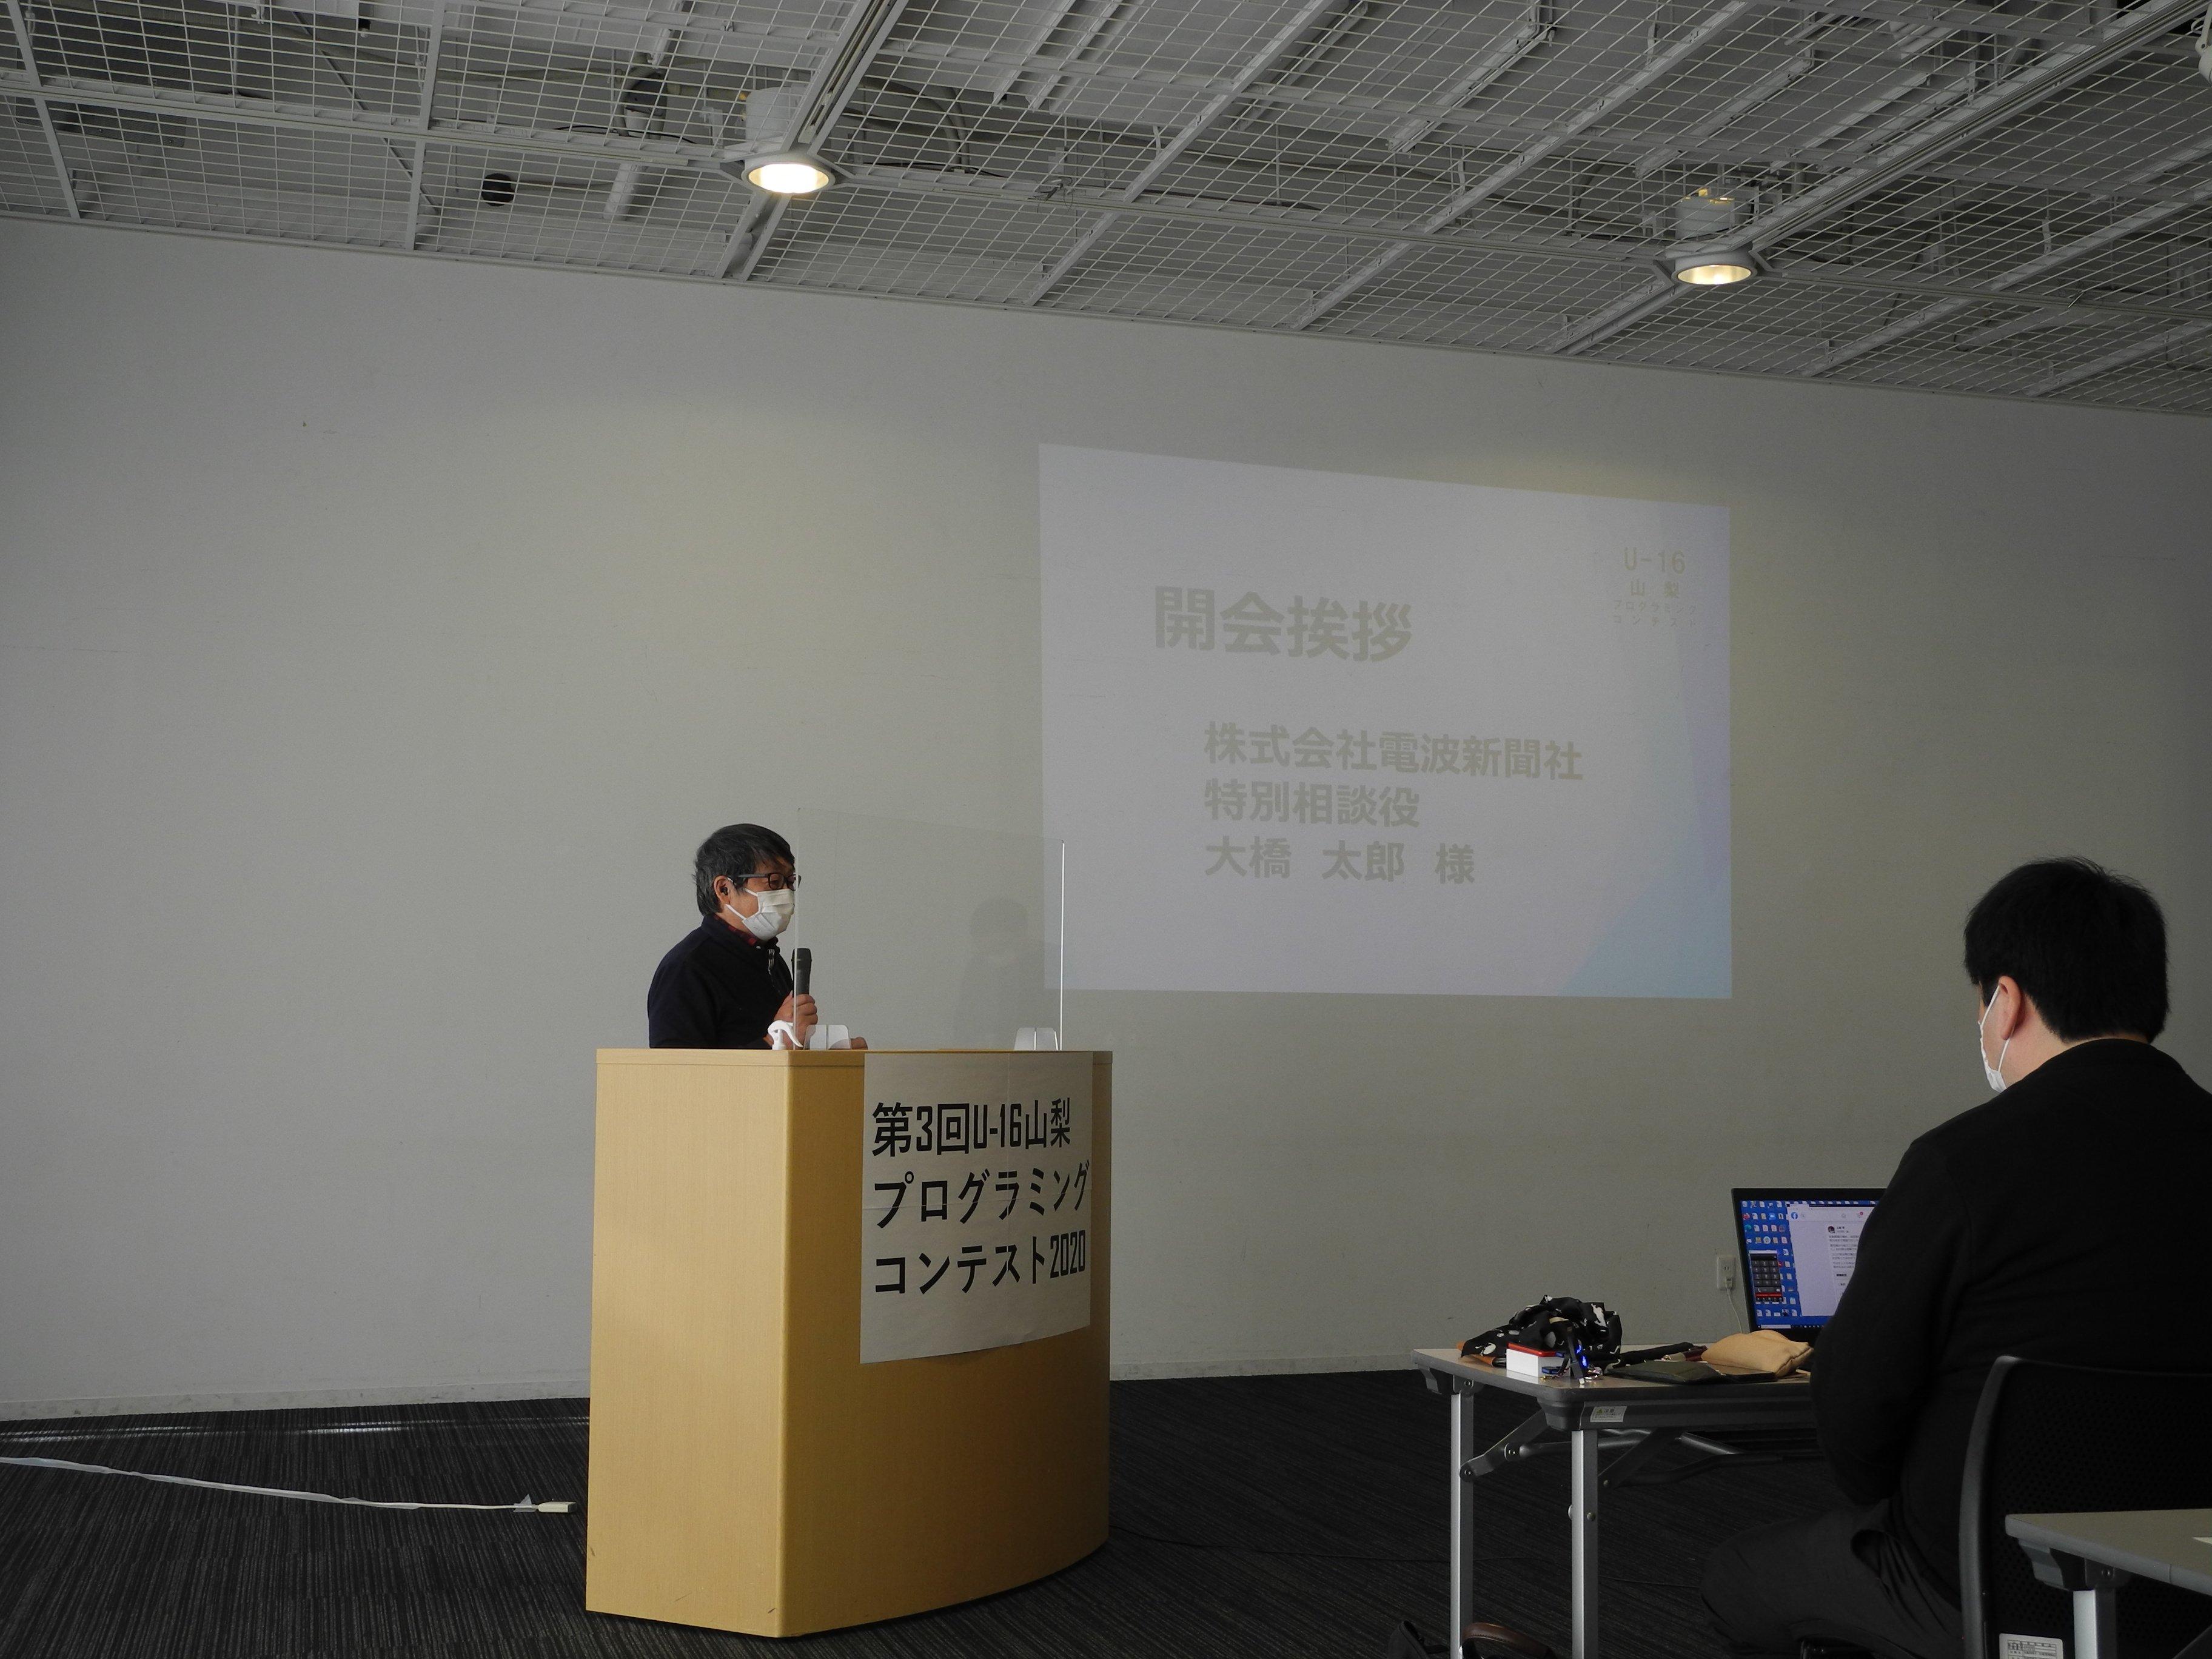 開会の挨拶、電波新聞社・特別取締役の大橋太郎氏